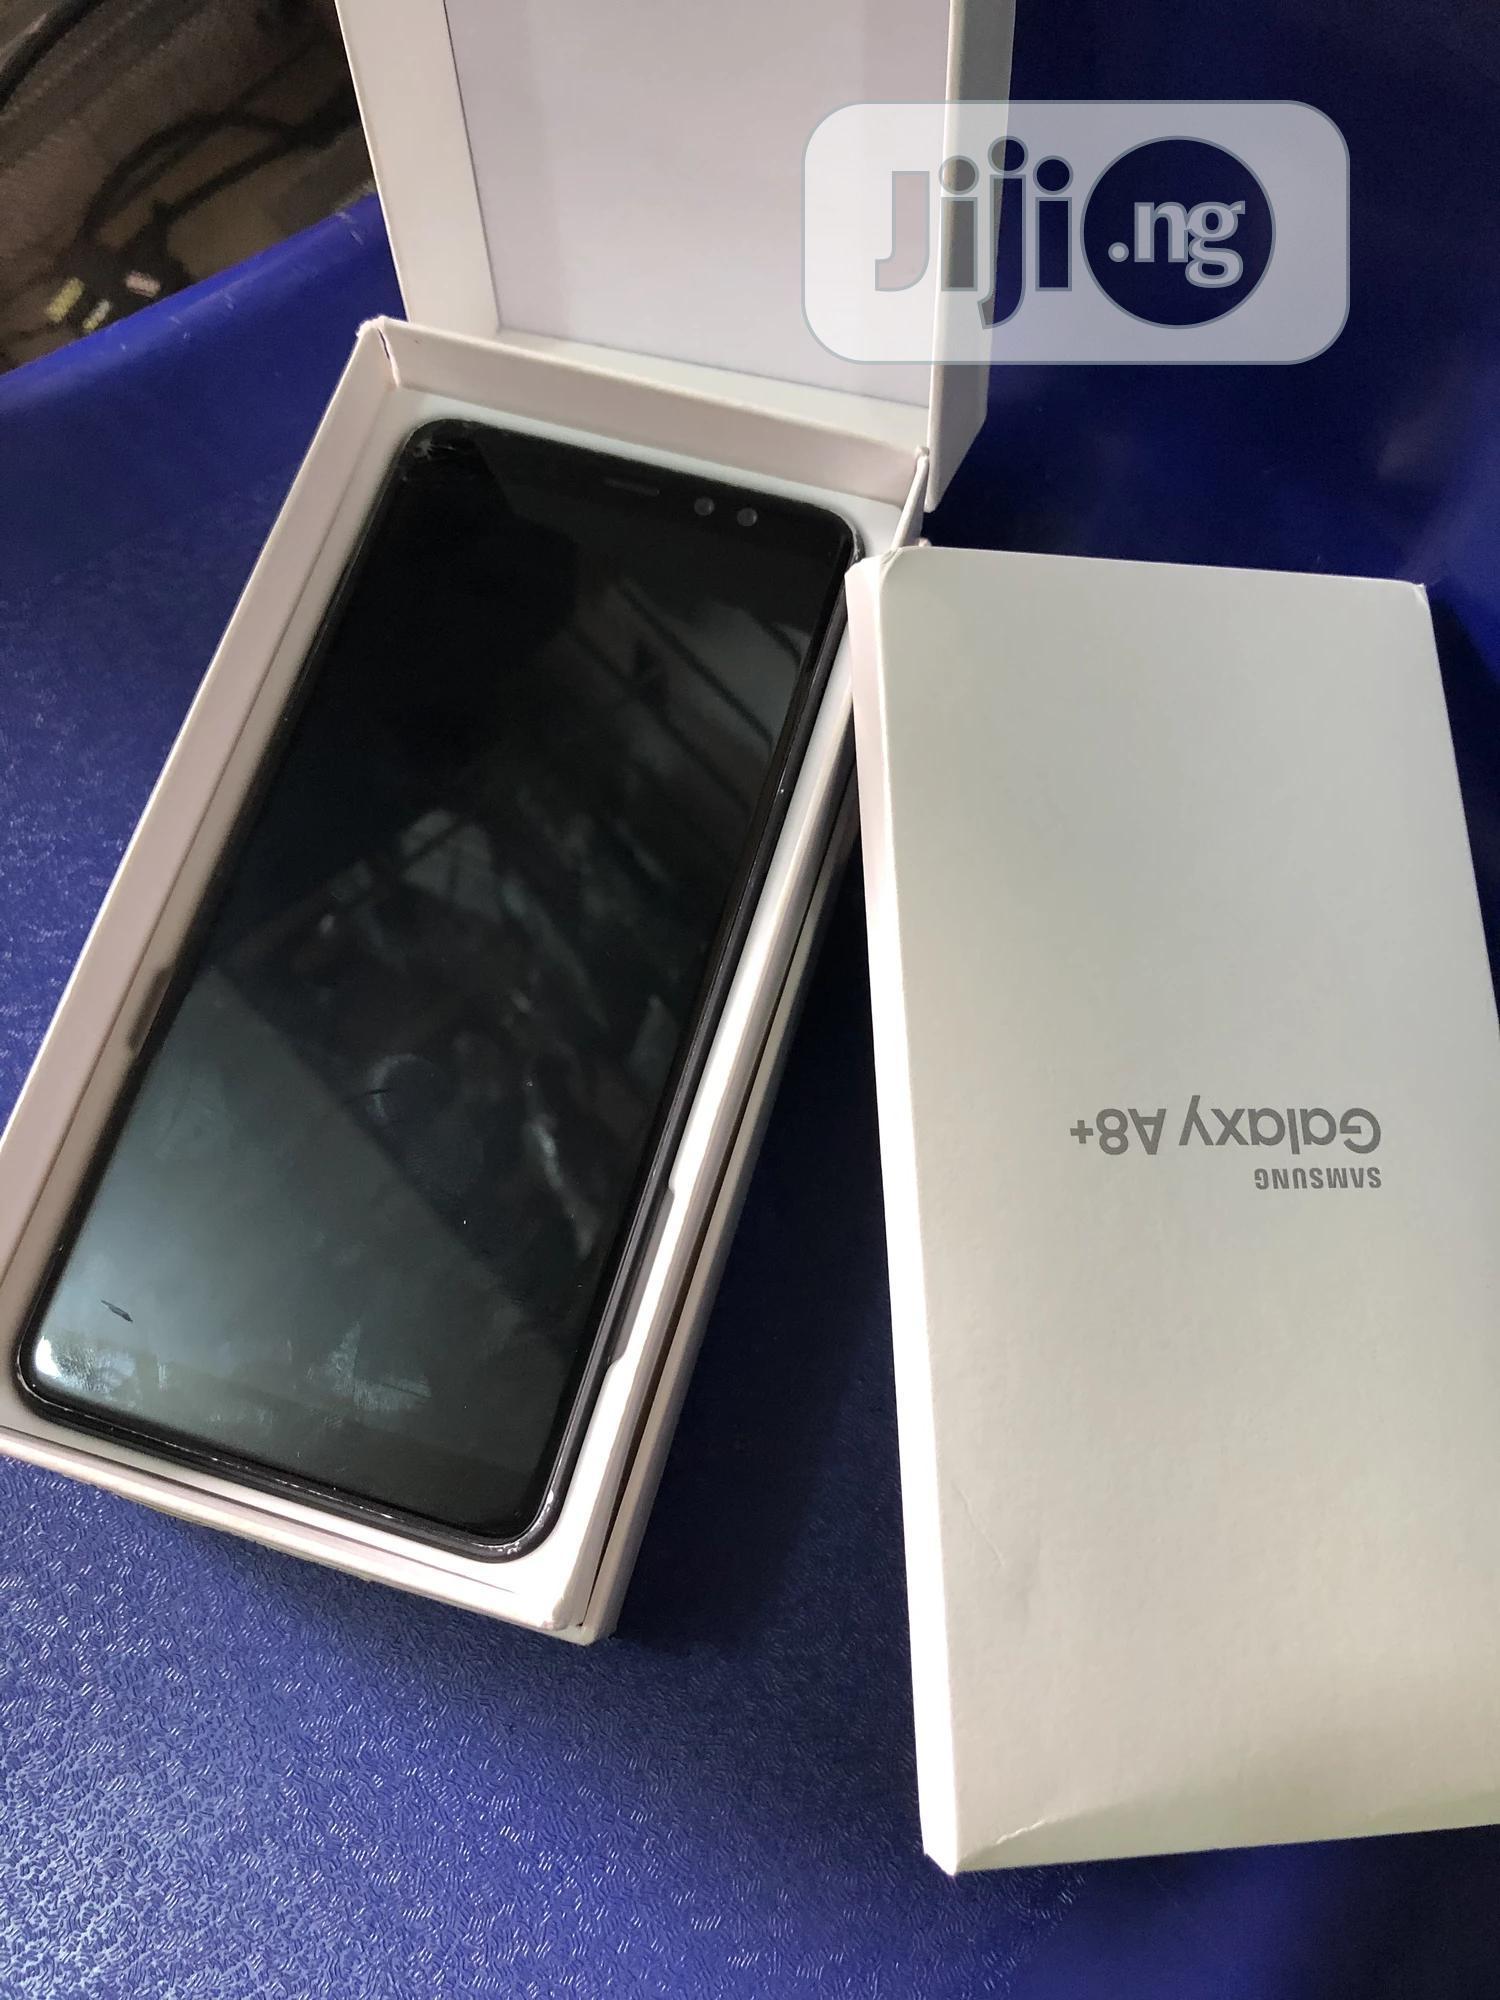 Samsung Galaxy A8 Plus 32 GB Black